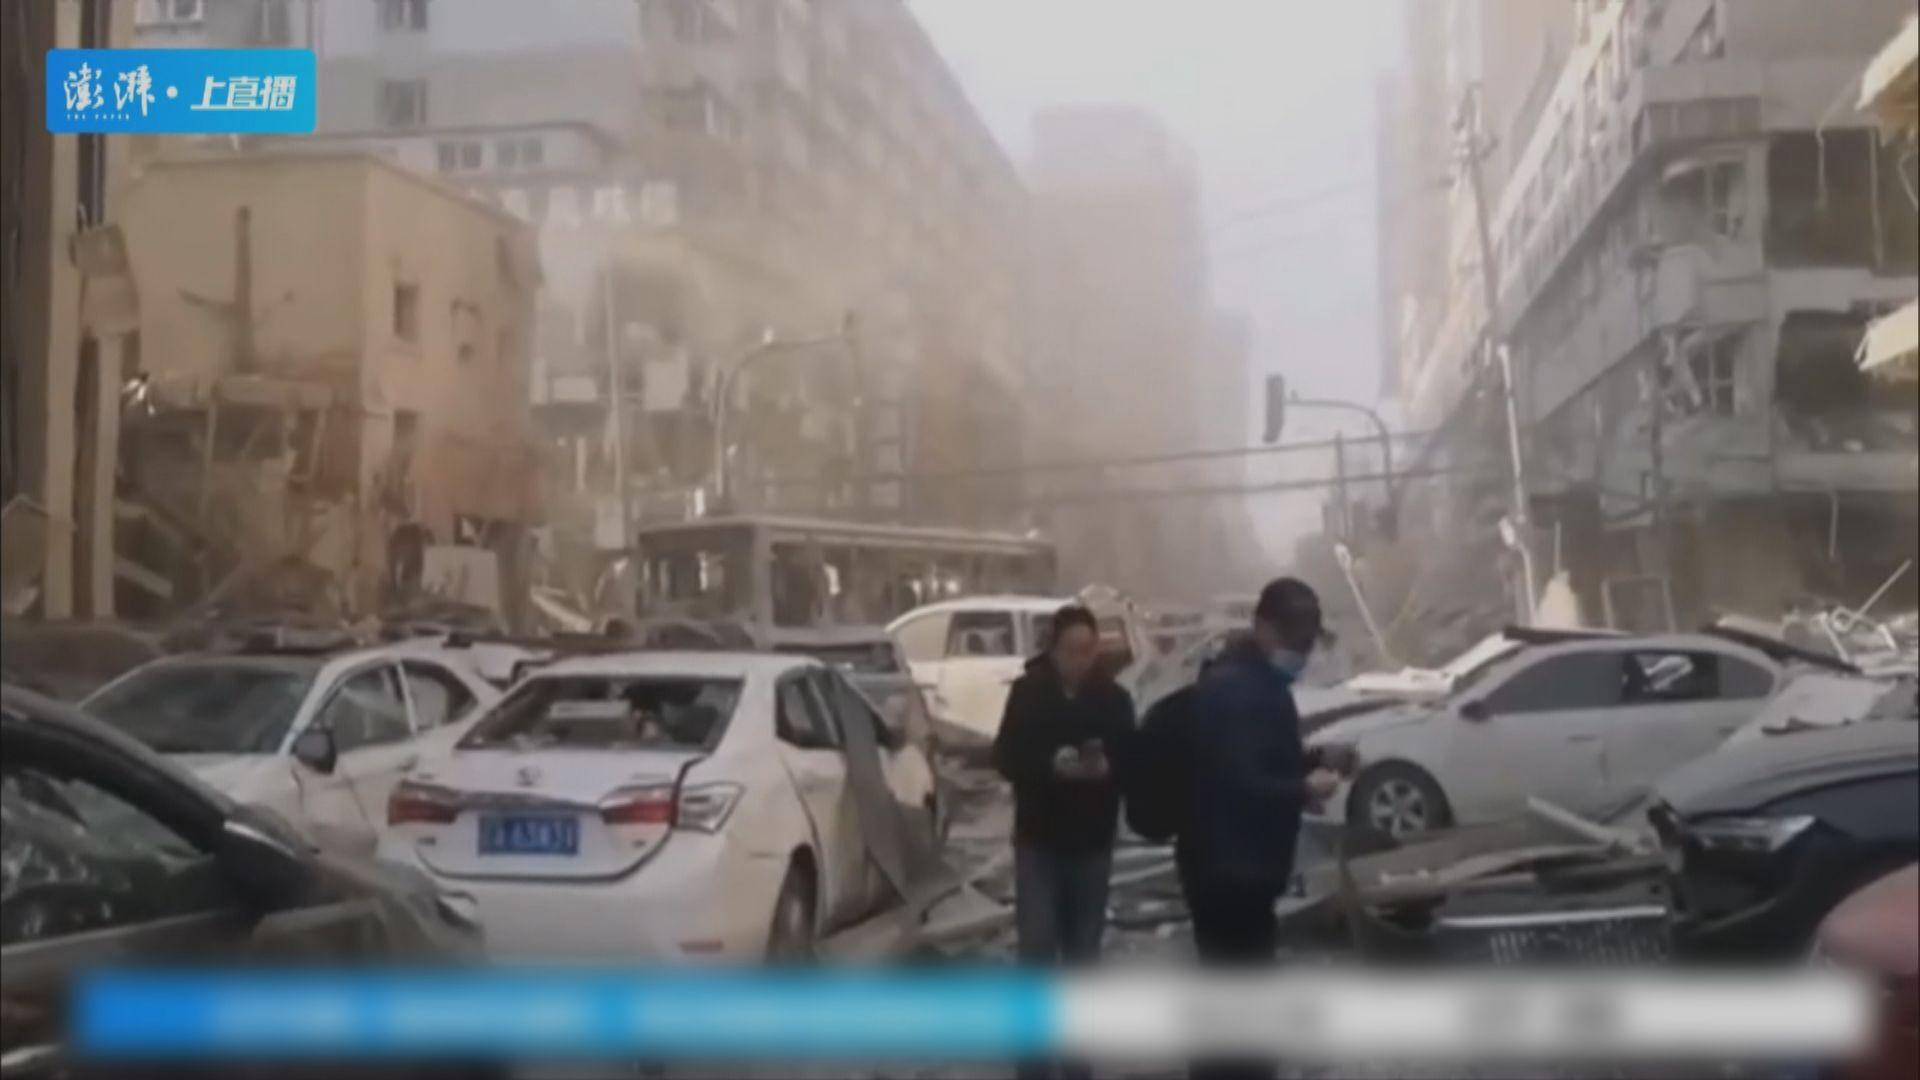 遼寧瀋陽有餐廳懷疑燃氣爆炸 至少3死逾30傷